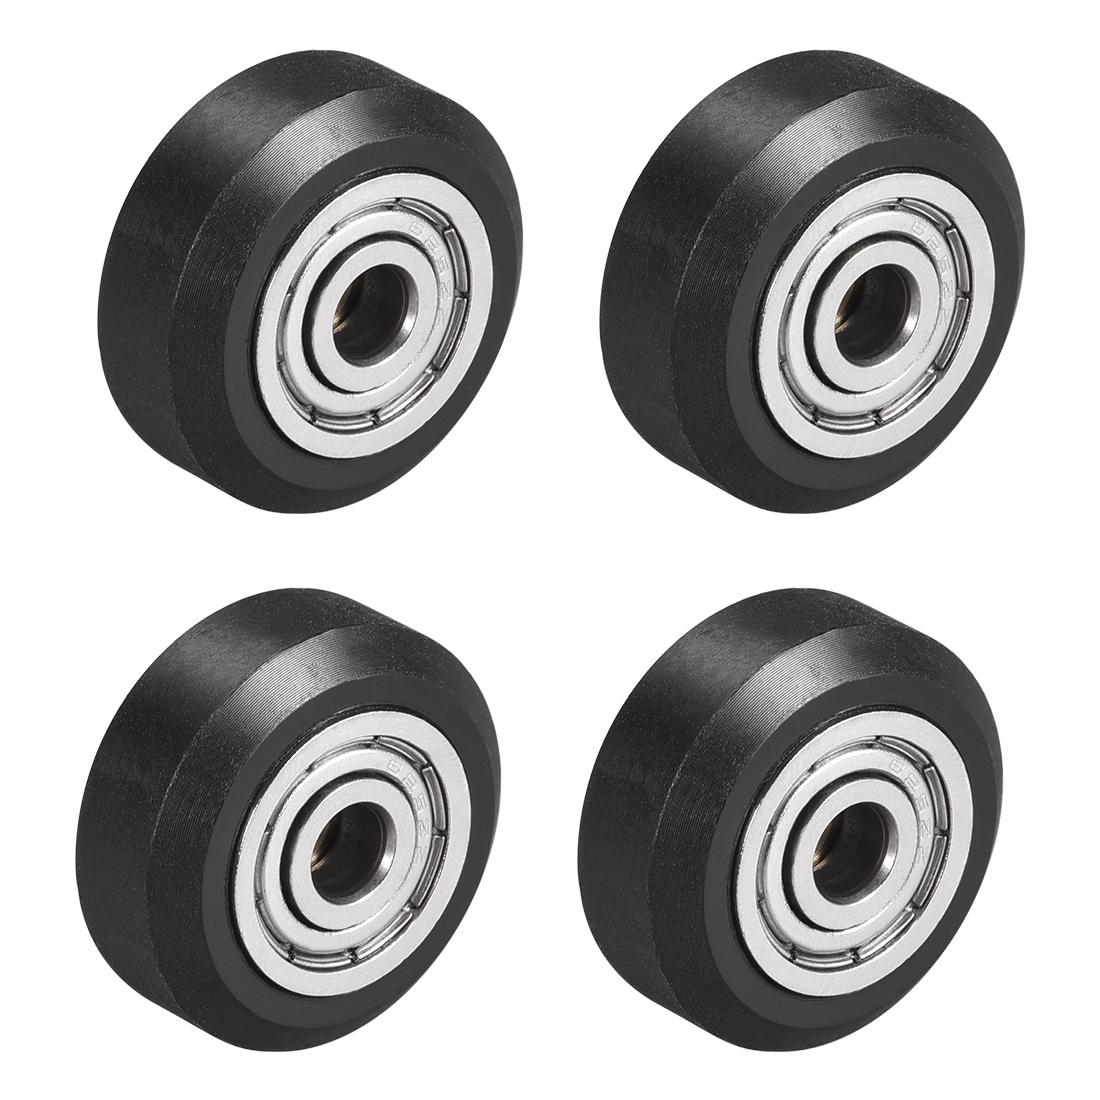 POM V Wheel with Bearing for 3D Printer RepRap, Ender 3, CR Series OD 24mm 4pcs